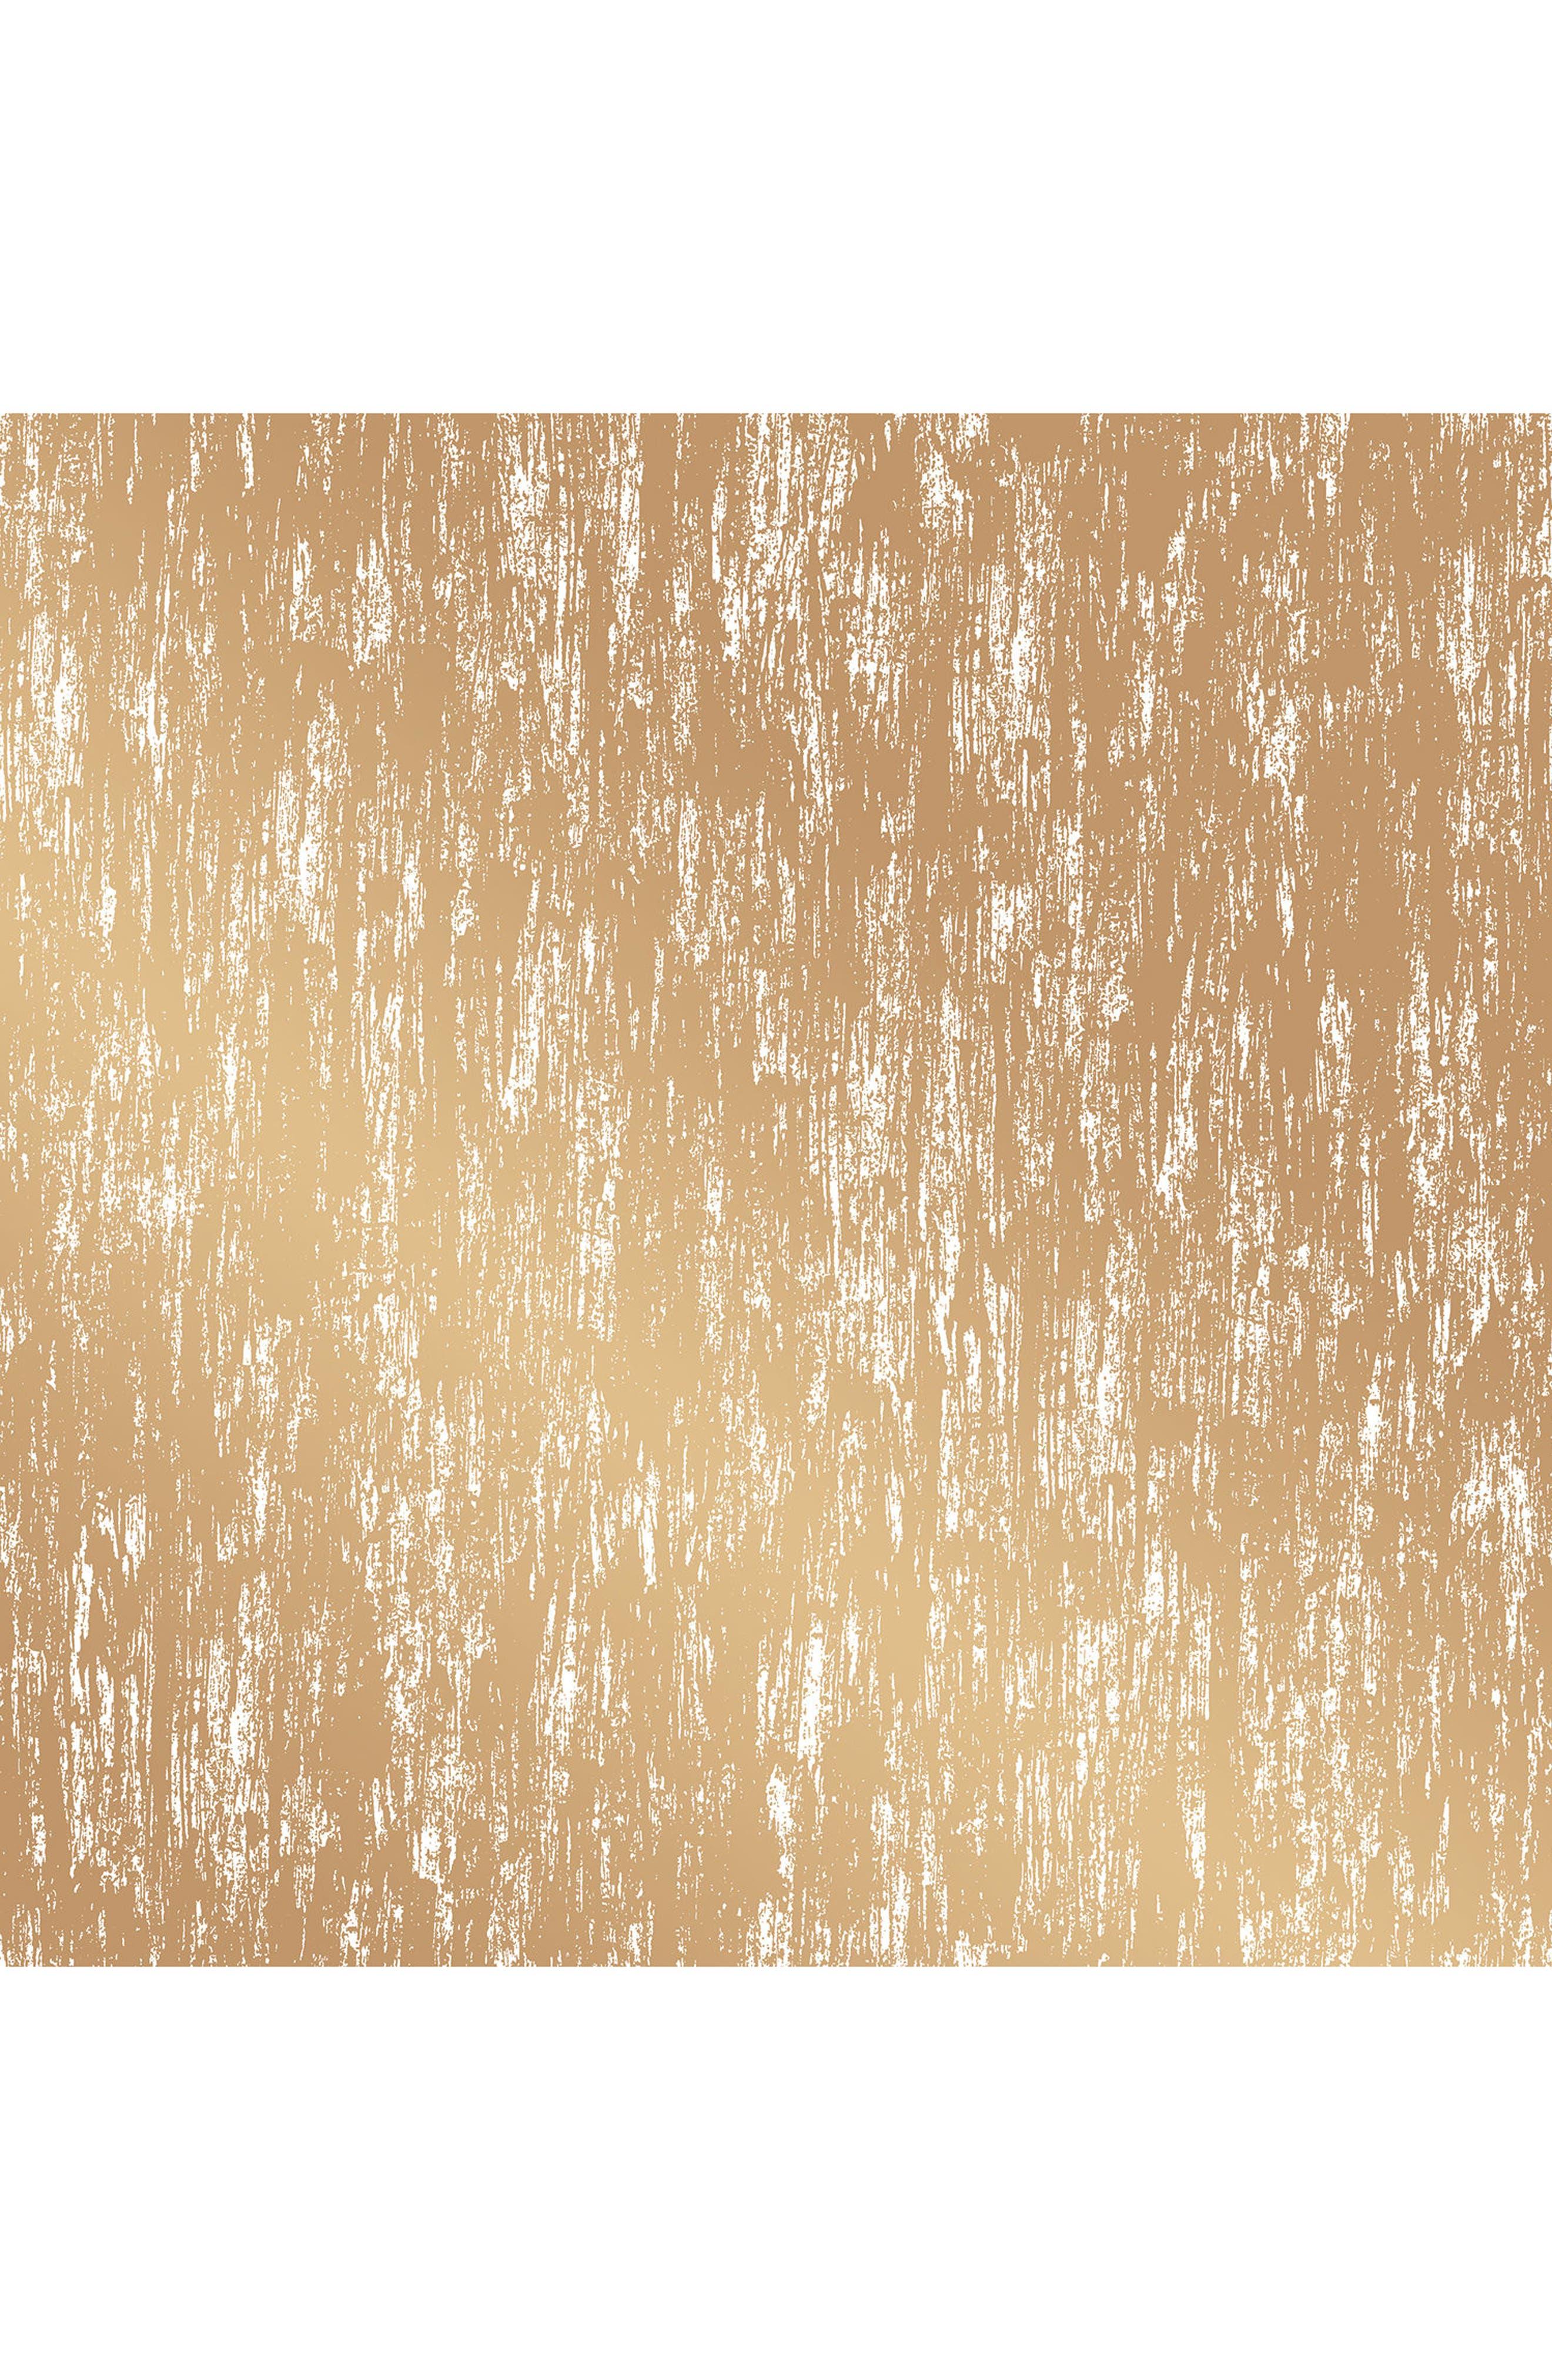 Main Image - Tempaper Gold Leaf Self Adhesive Vinyl Wallpaper